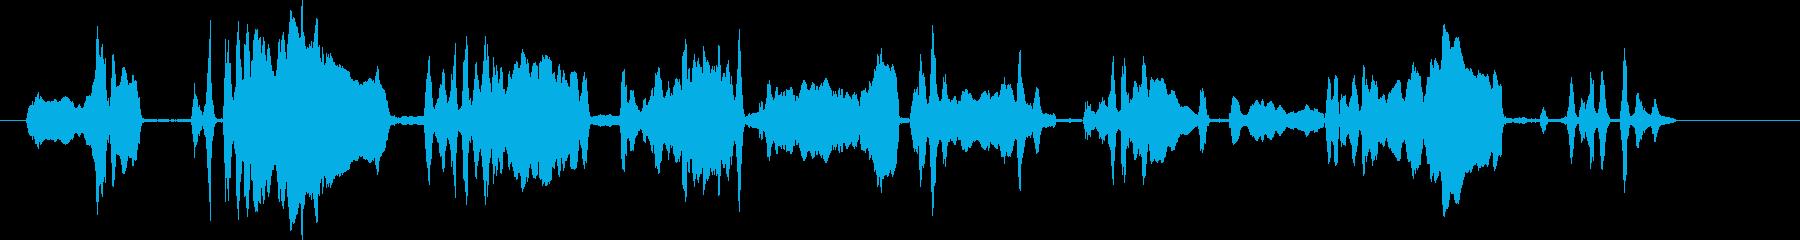 コヨーテハウル。バックグラウンドで...の再生済みの波形